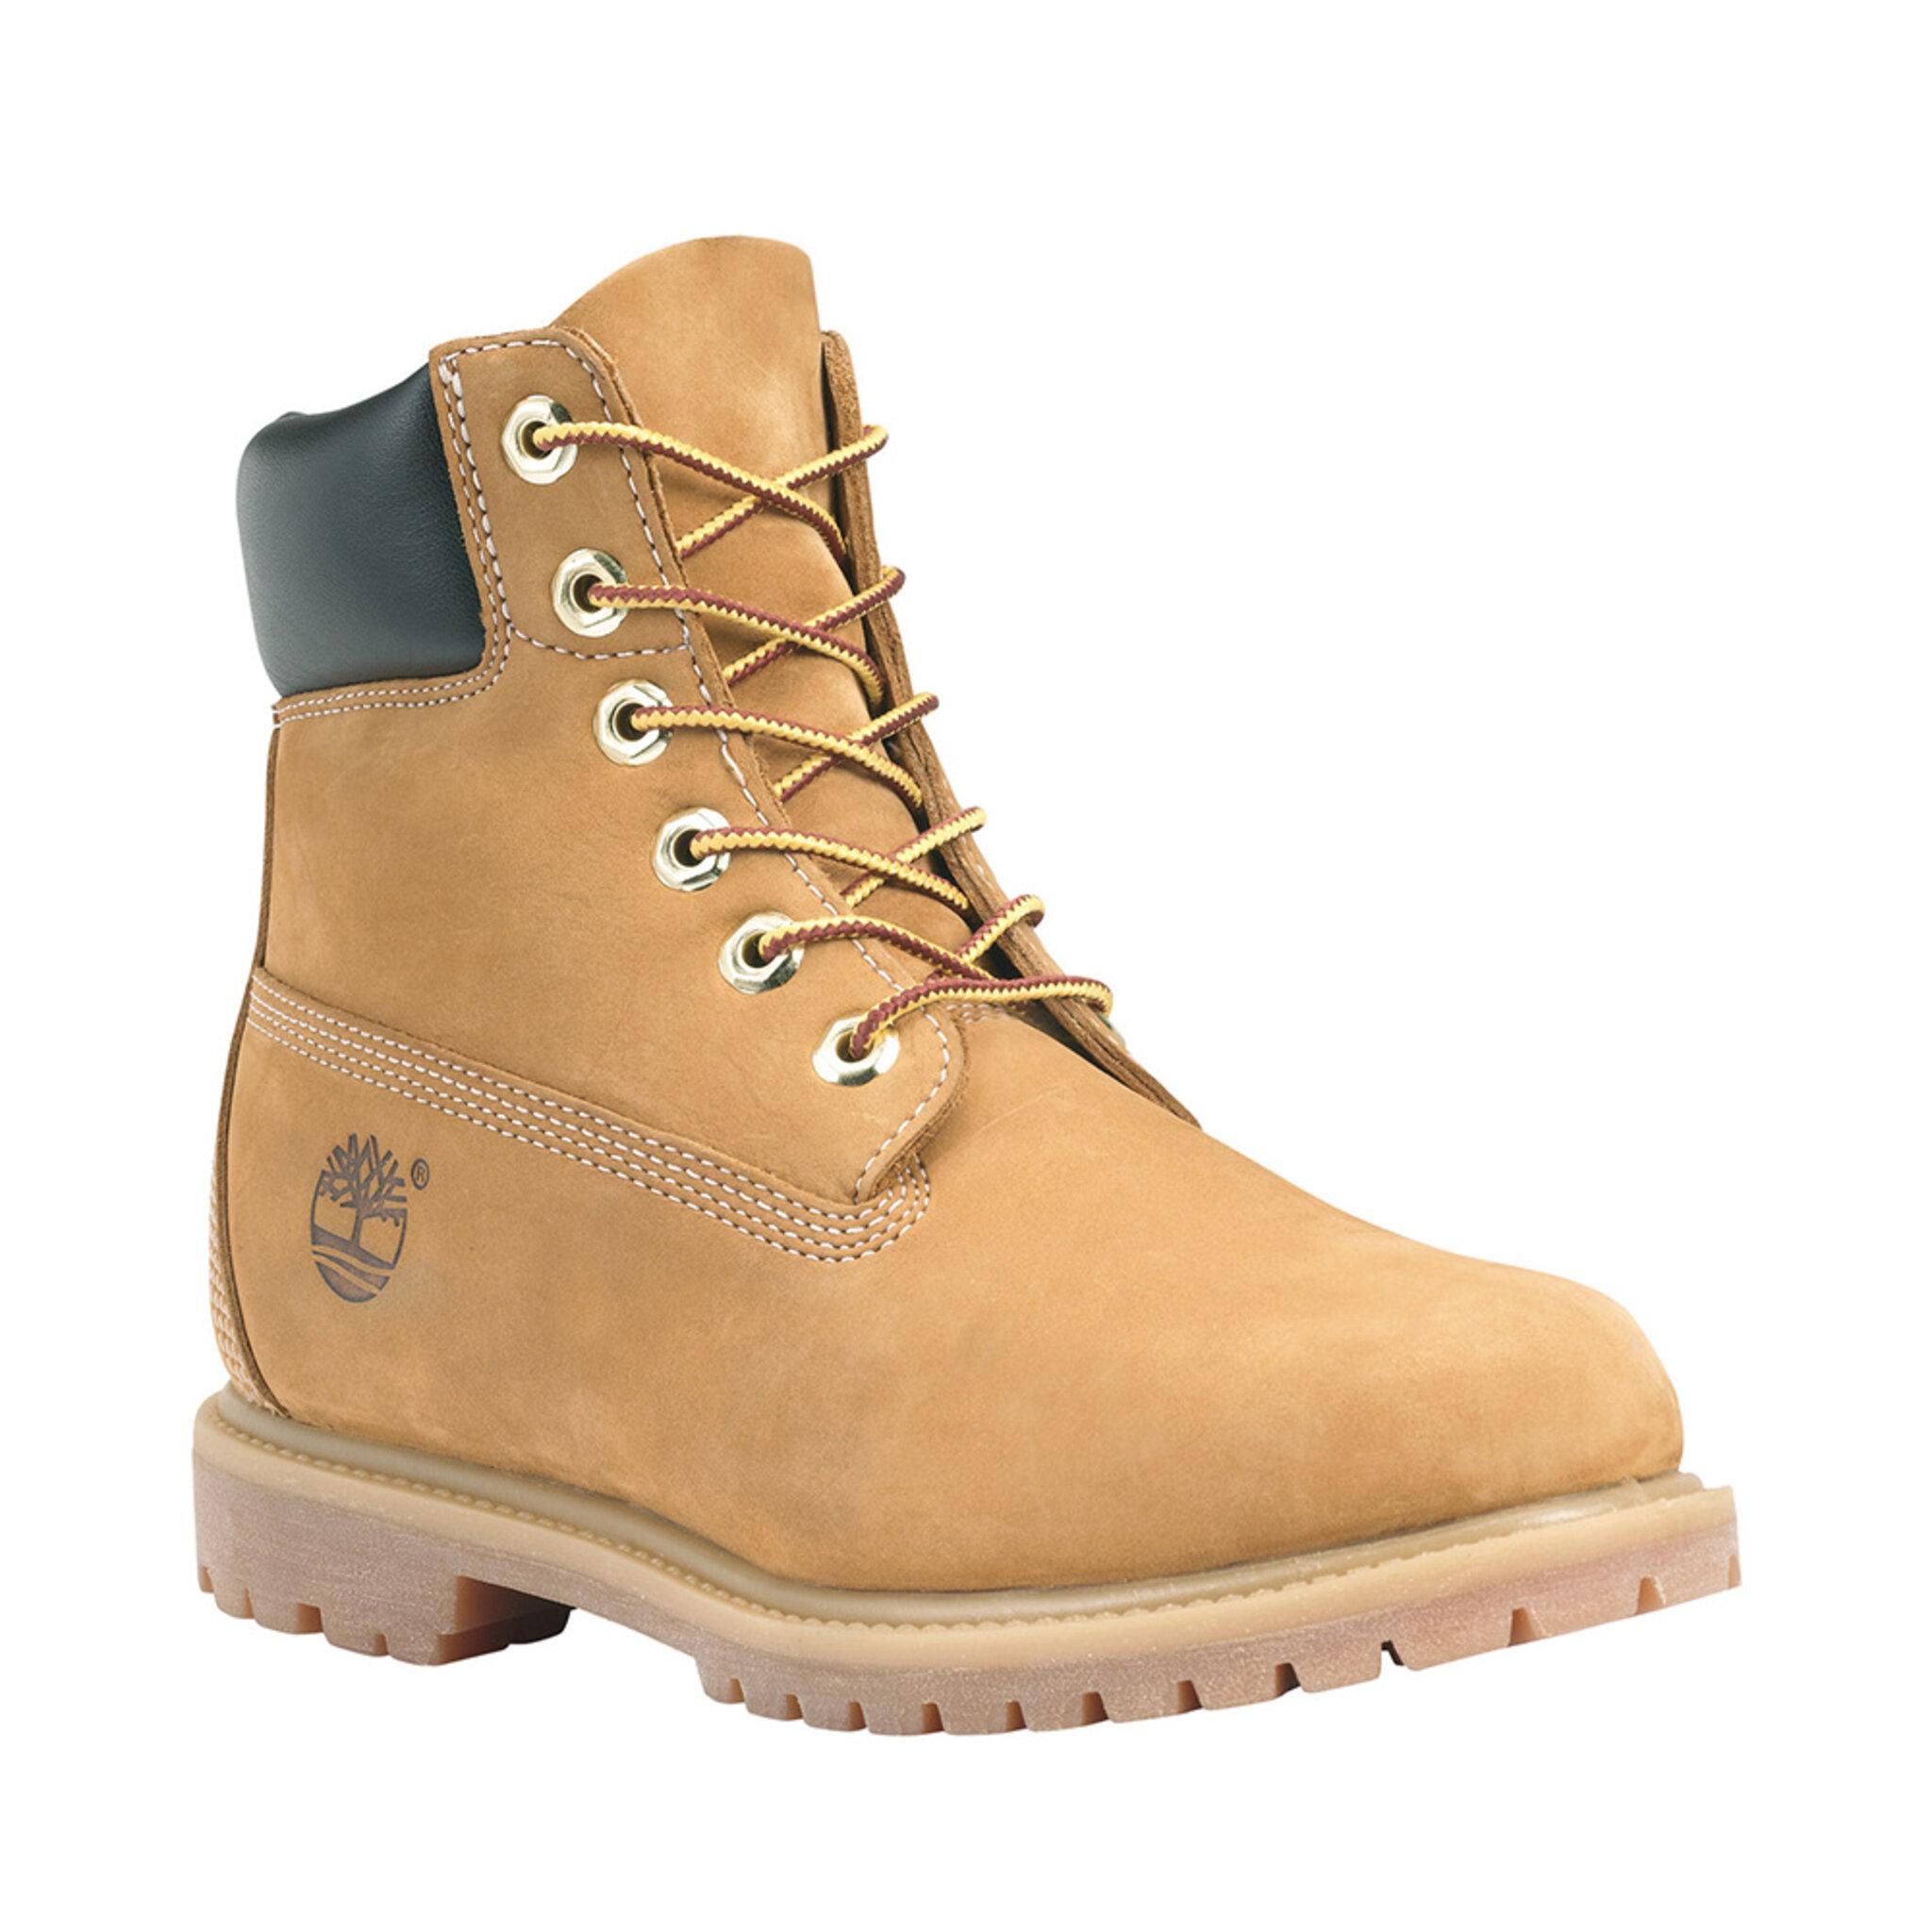 02434b6af31 Icon 6-inch Premium Boot - Stövlar & boots - Köp online på åhlens.se!